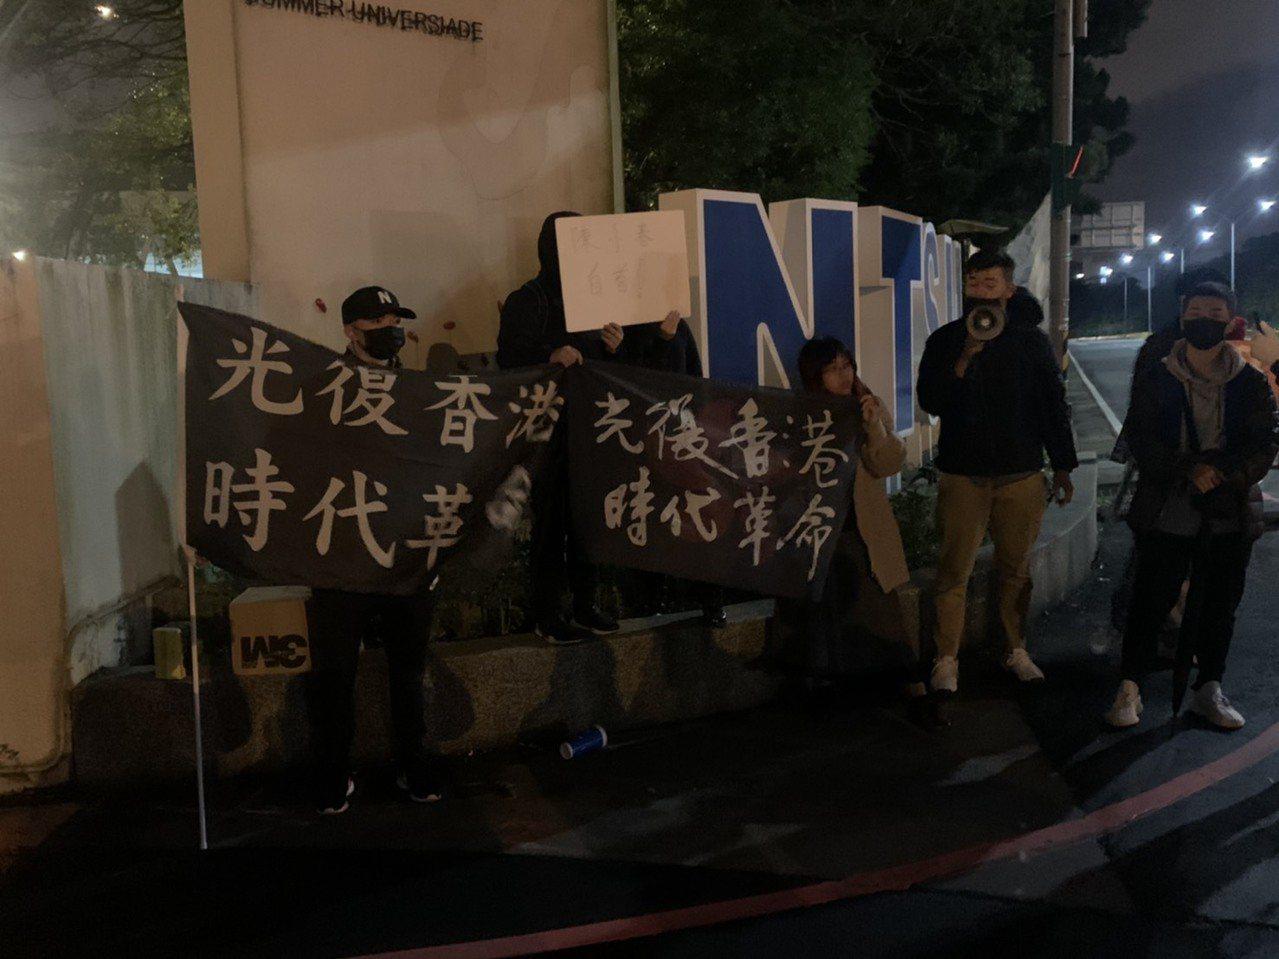 學生集中在校門口舉著「光復香港 時代革命」布條,高呼口號表達抗議訴求,所幸未釀正...